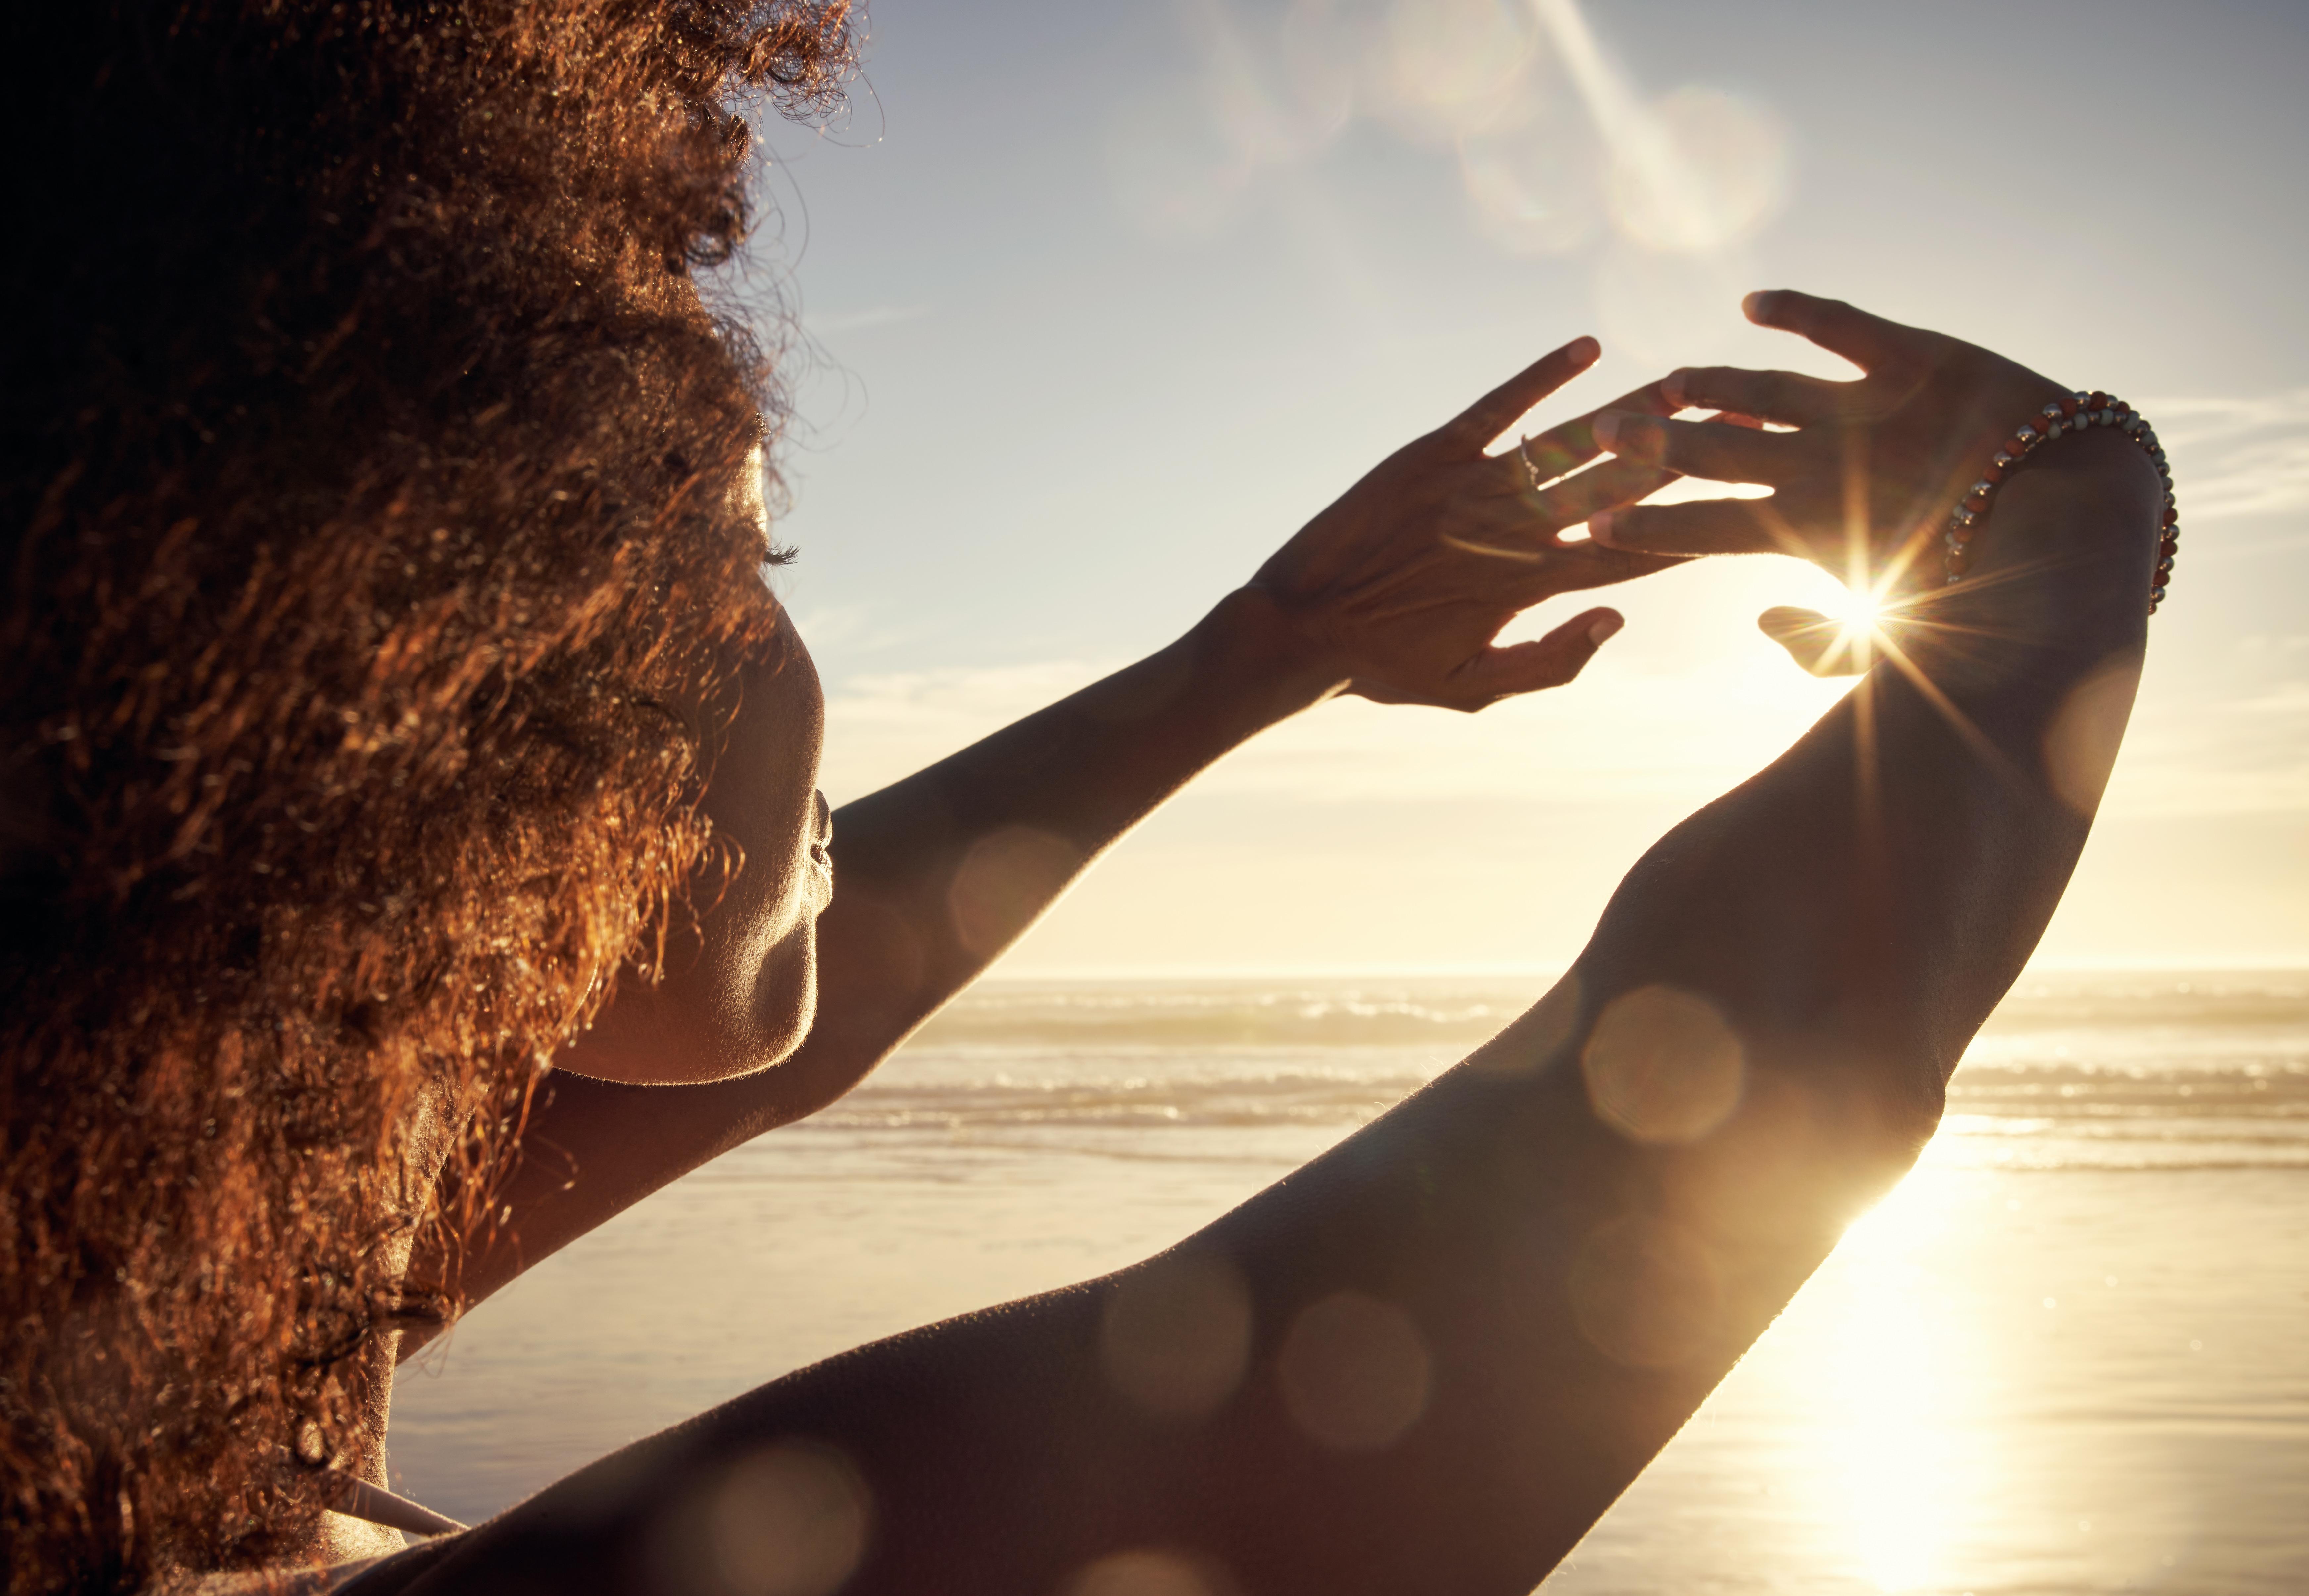 <p>По-добър сън Изследванията показват, че един час естествена светлина помага да спим по-добре. Слънчевата светлина регулира циркадния ни ритъм, като подсказва на тялото кога да увеличава и намалява нивата на мелатонин. Така че, колкото повече дневна светлина попивате, толкова по-добре организмът ви ще произвежда мелатонин.</p>